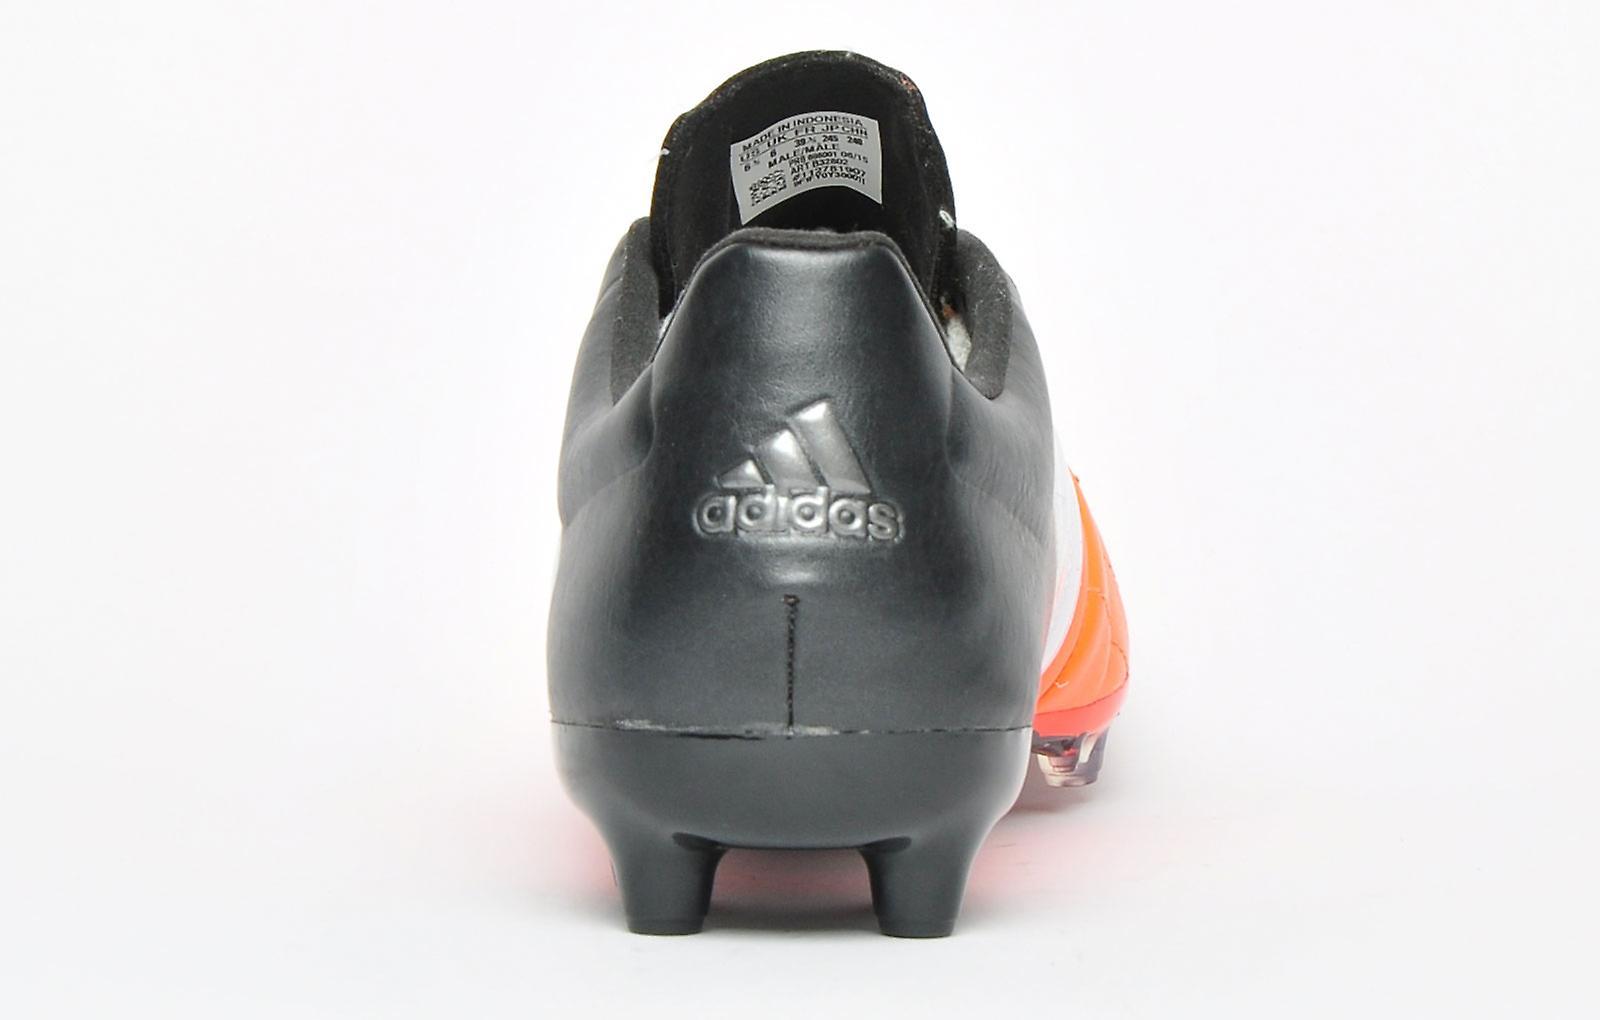 Adidas Ace 15.2 FG / AG Leather Pro Solar Orange / White / Black